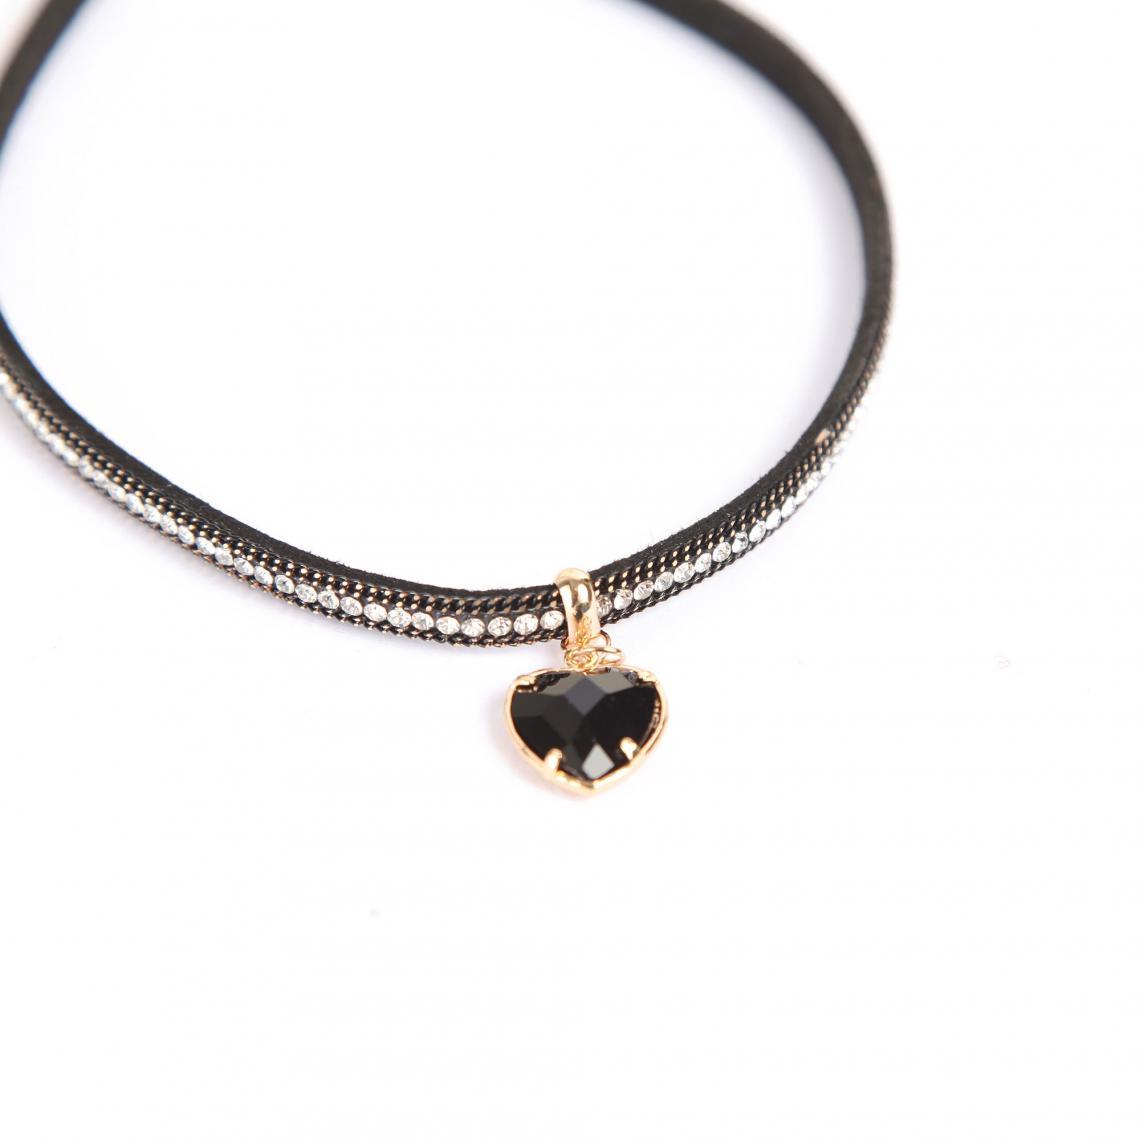 d91c41f24f9 Collier ras-du-cou avec strass fantaisie et pendentif coeur femme - Noir  Venca